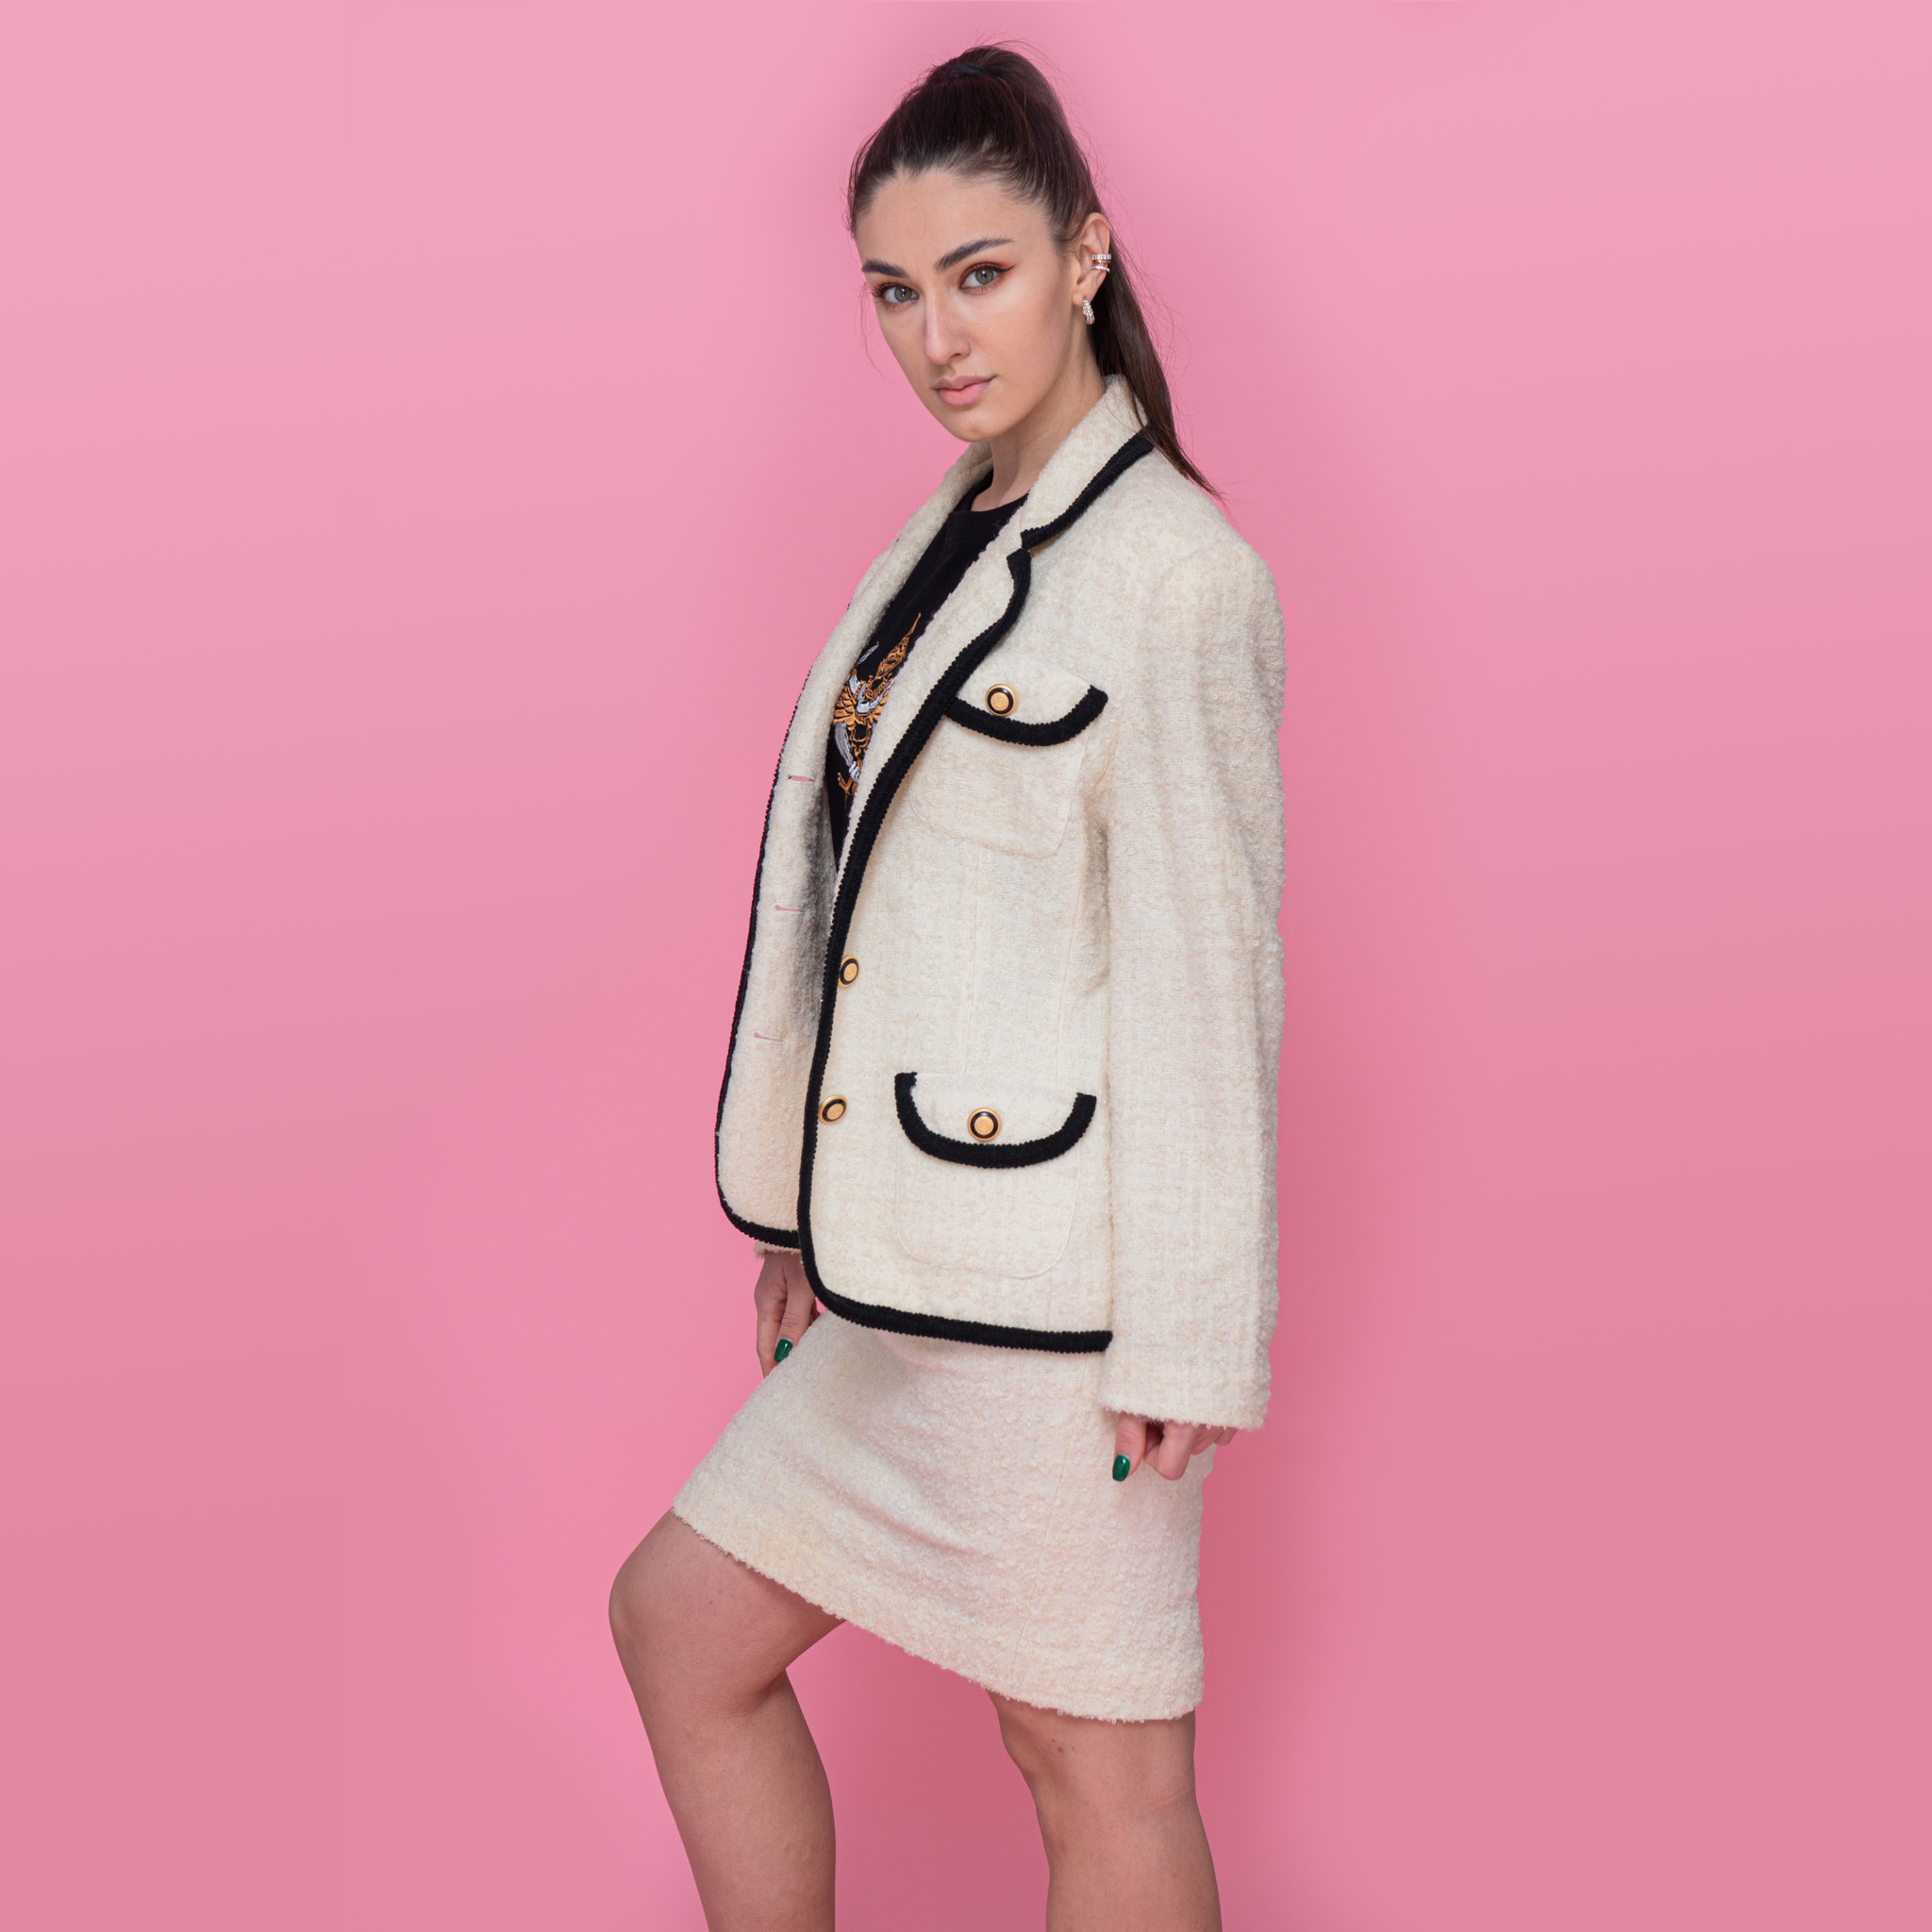 Komplet marynarki ze spódnica z wełny marki JEAN CLAIR w stylu Chanel - KEX Vintage Store | JestemSlow.pl